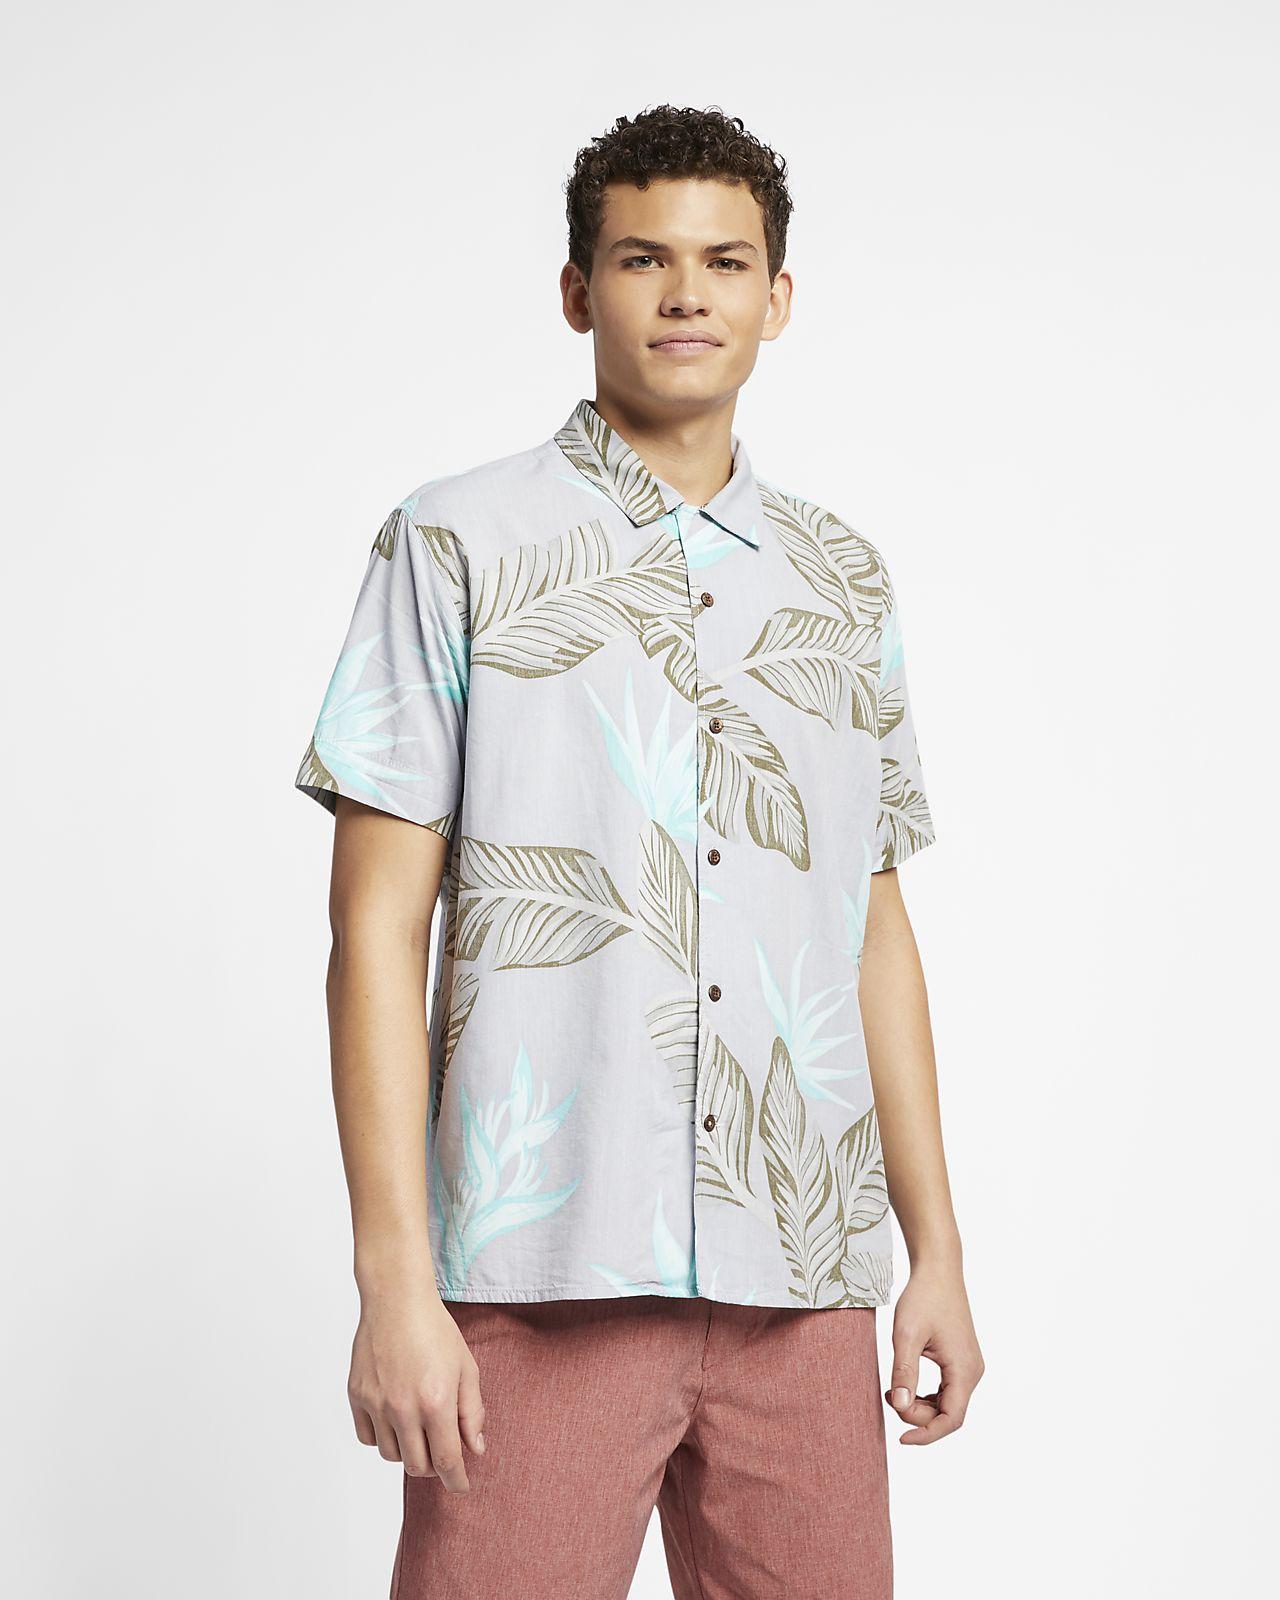 Camisa de manga curta Hurley Hanoi para homem